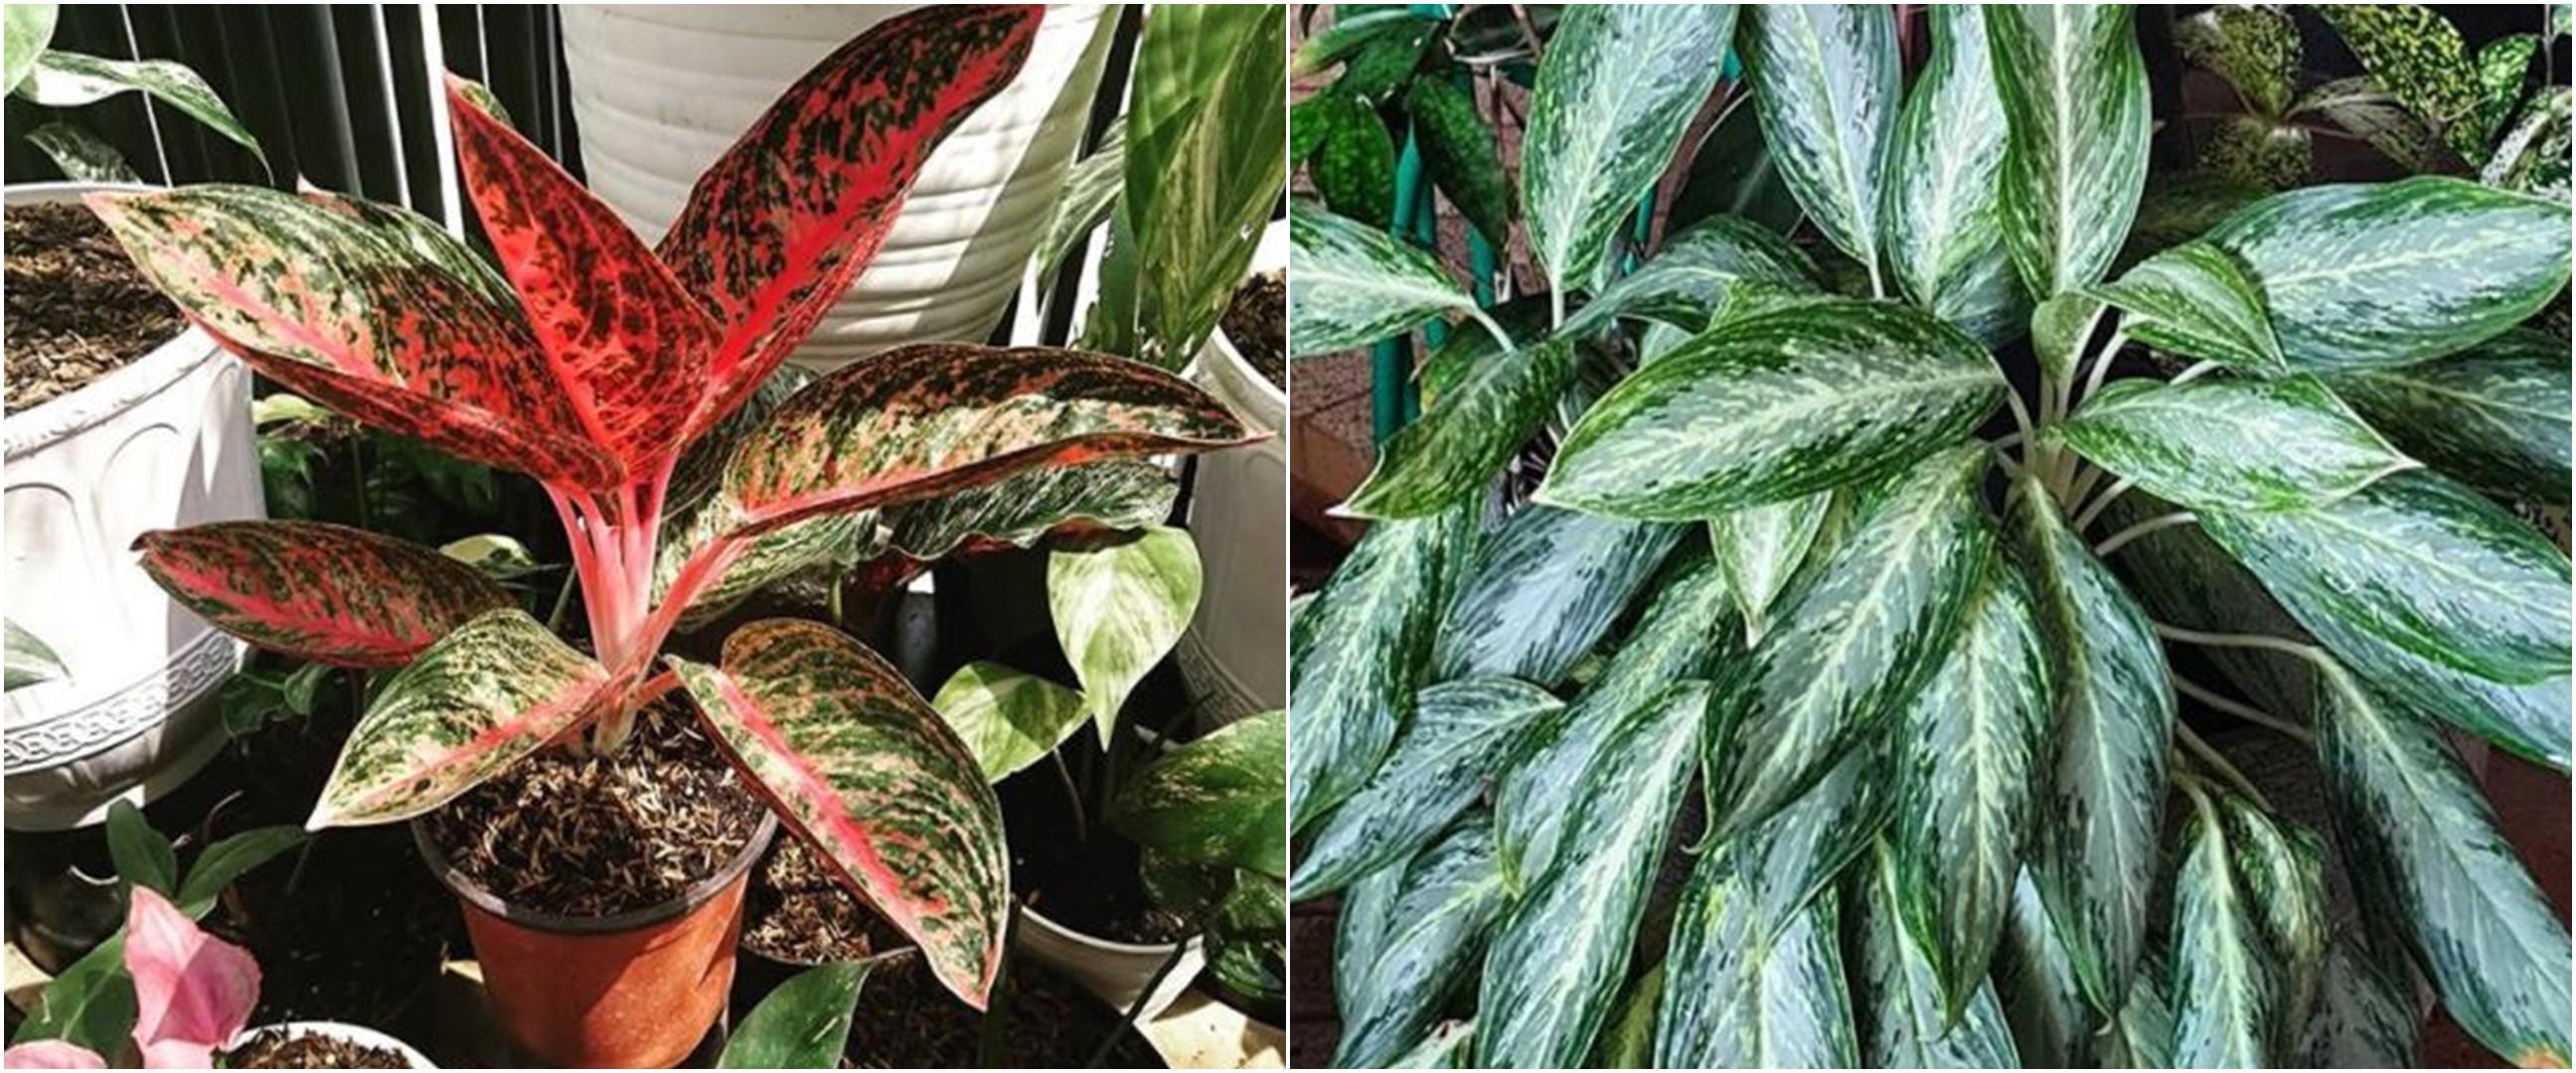 10 Jenis tanaman aglonema untuk hiasan rumah, perawatannya mudah